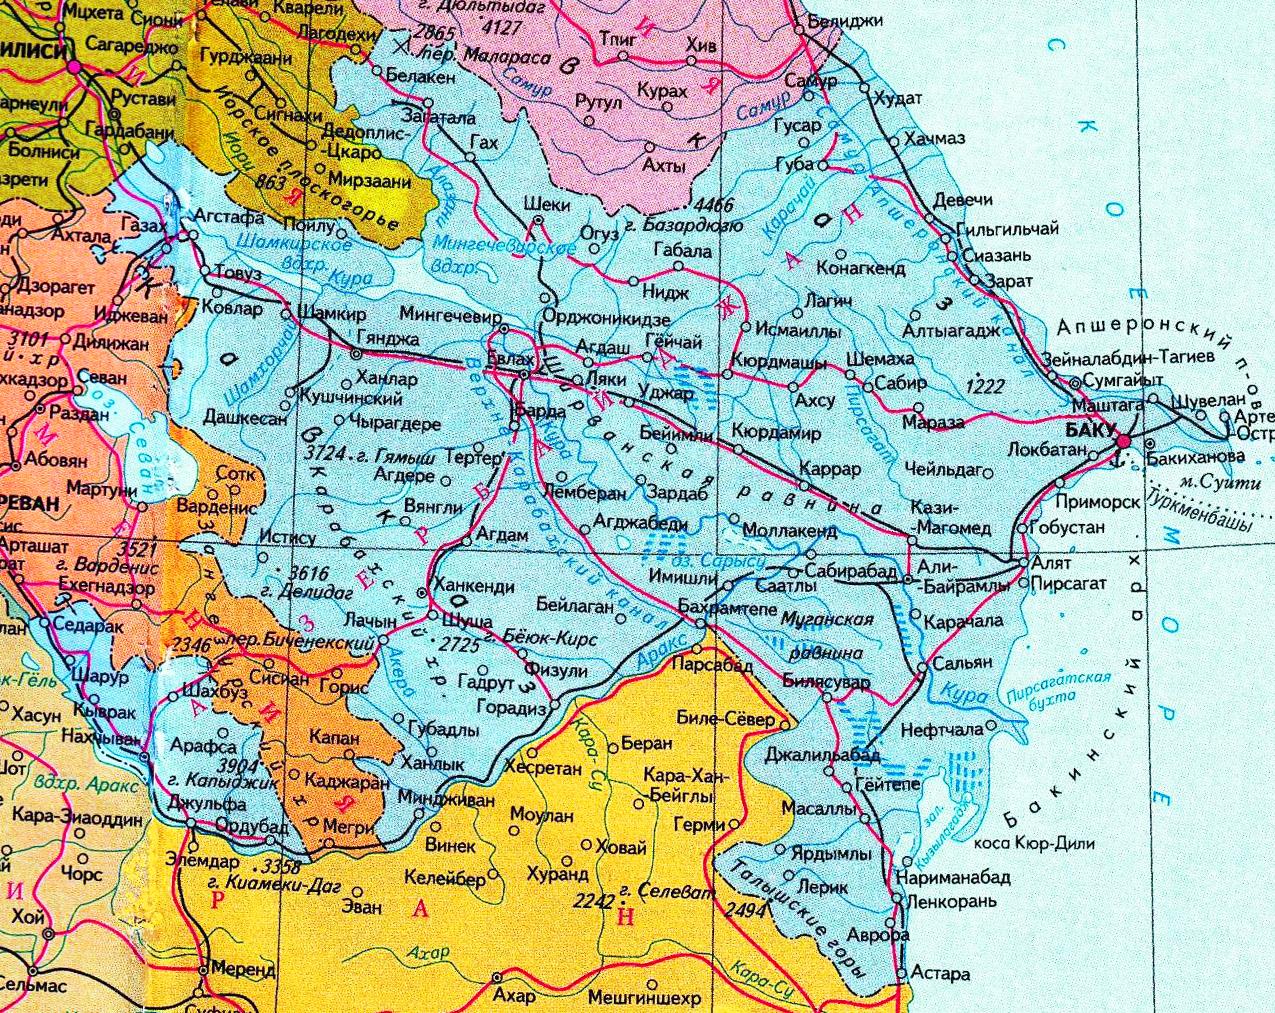 Карта Азербайджана с городами на русском языке